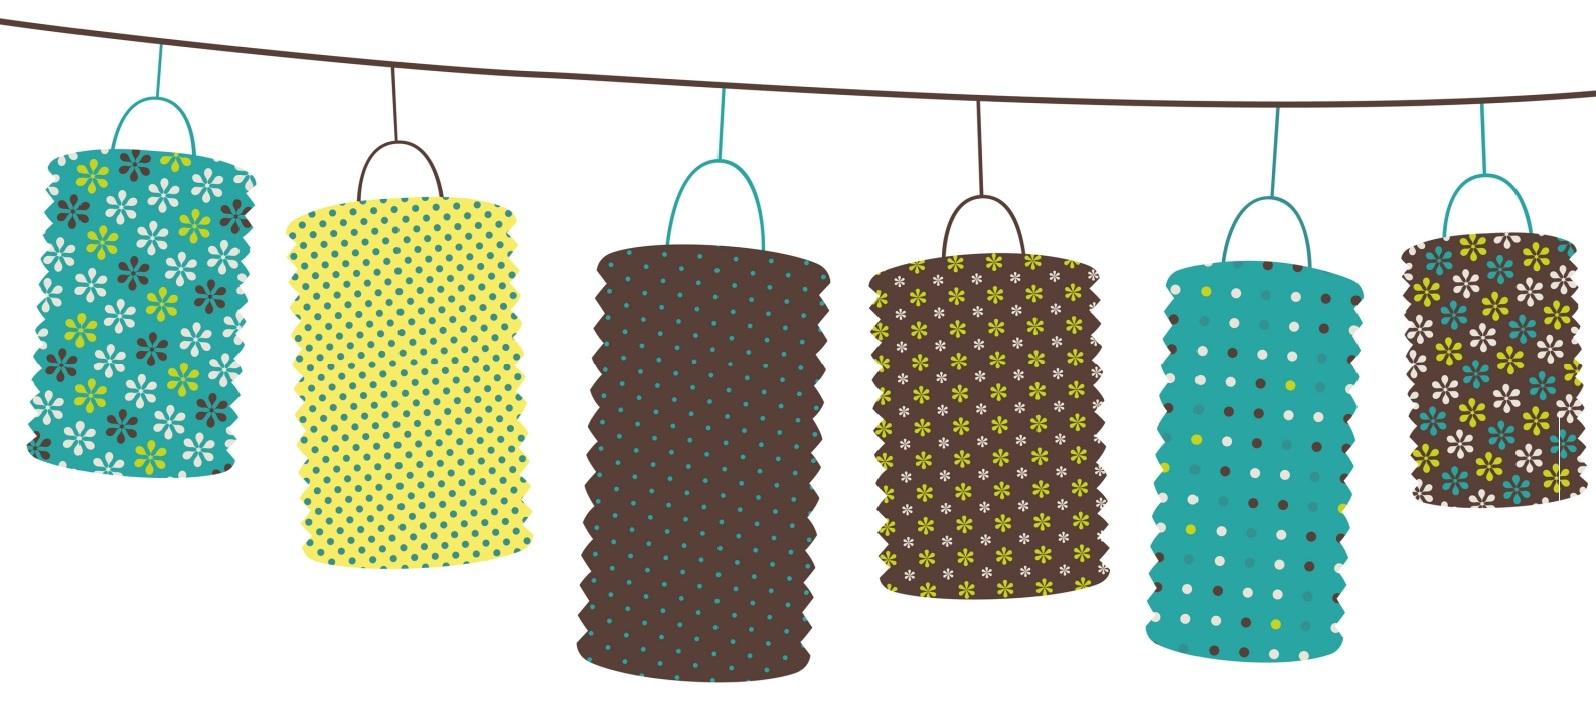 aipe ecole bois raguenet les pr paratifs du march de no l. Black Bedroom Furniture Sets. Home Design Ideas